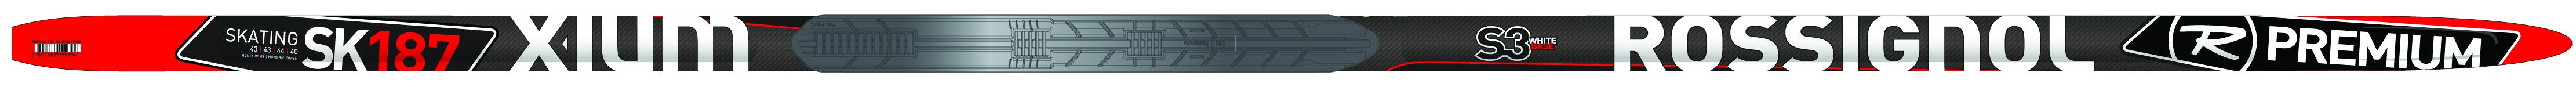 Rossignol X-Ium skate Premium S3